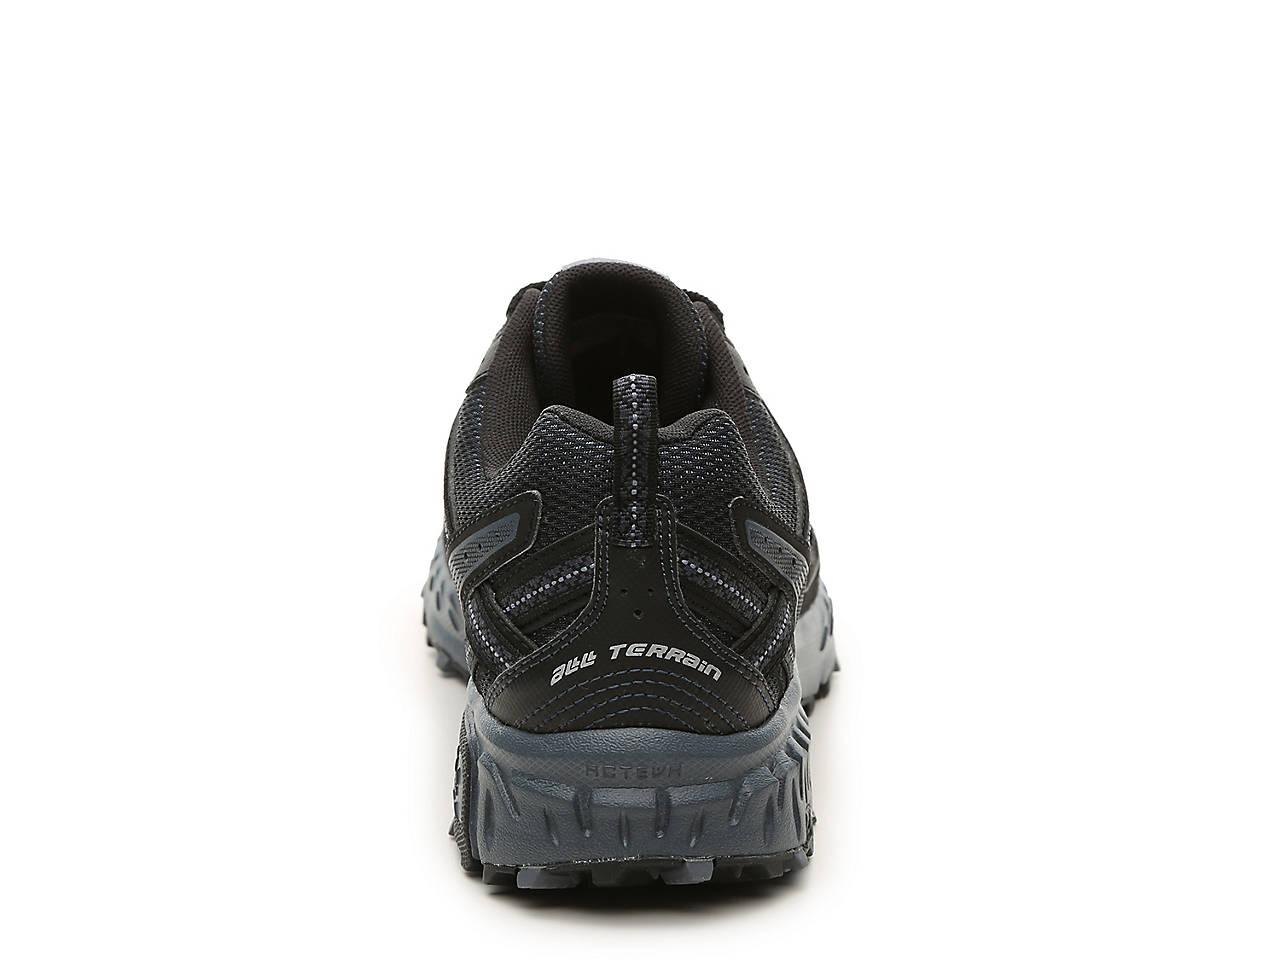 e582f3ed0 New Balance 410 v5 Trail Running Shoe - Men's Men's Shoes | DSW